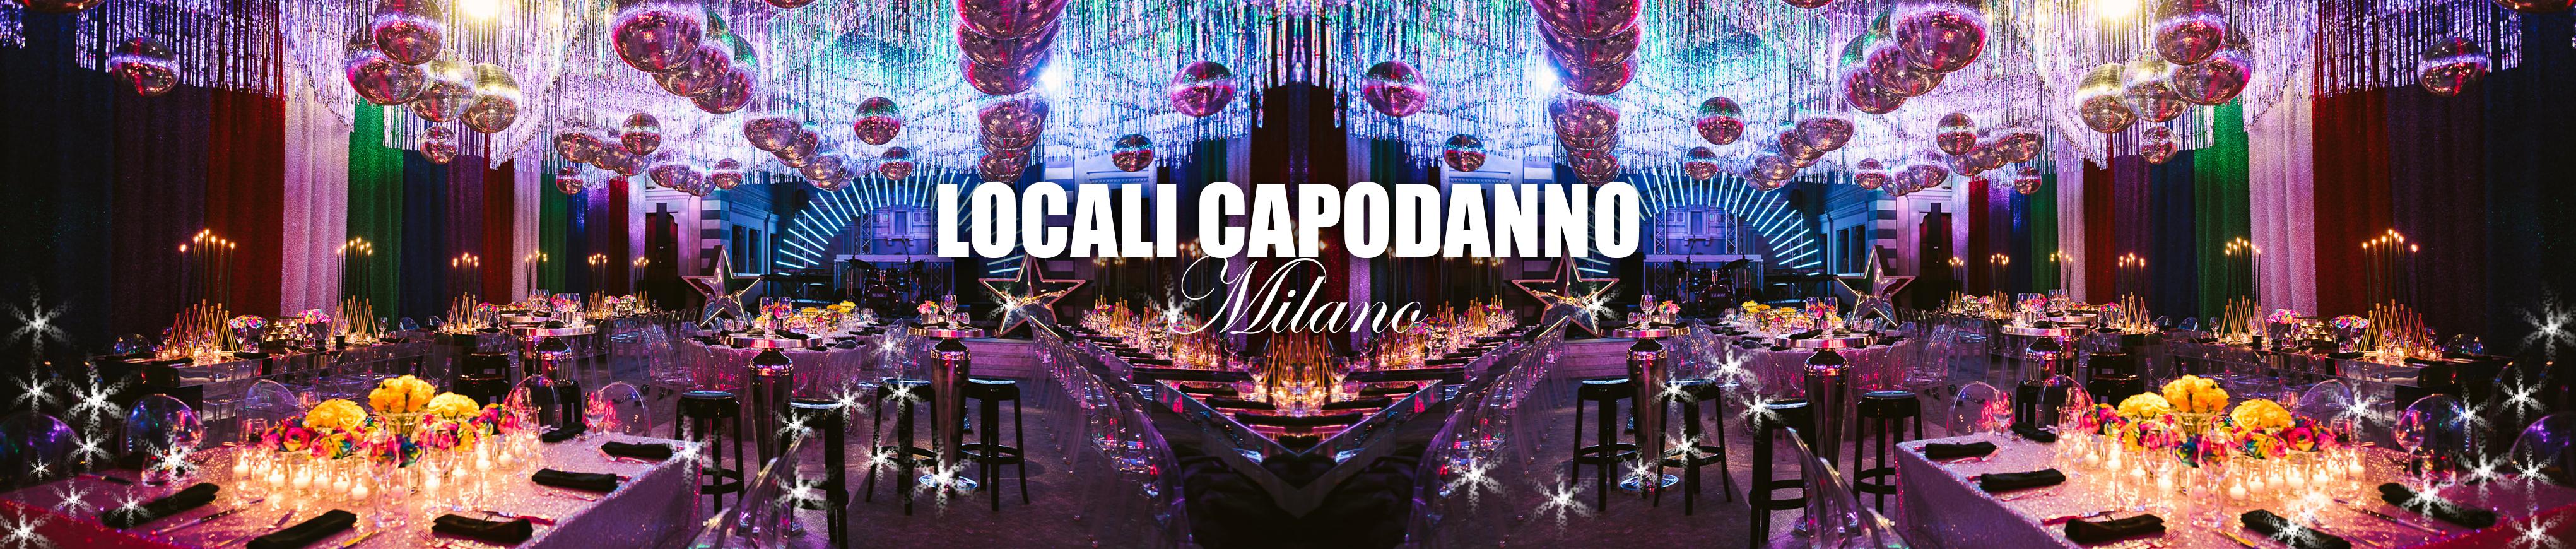 Locali Capodanno Milano